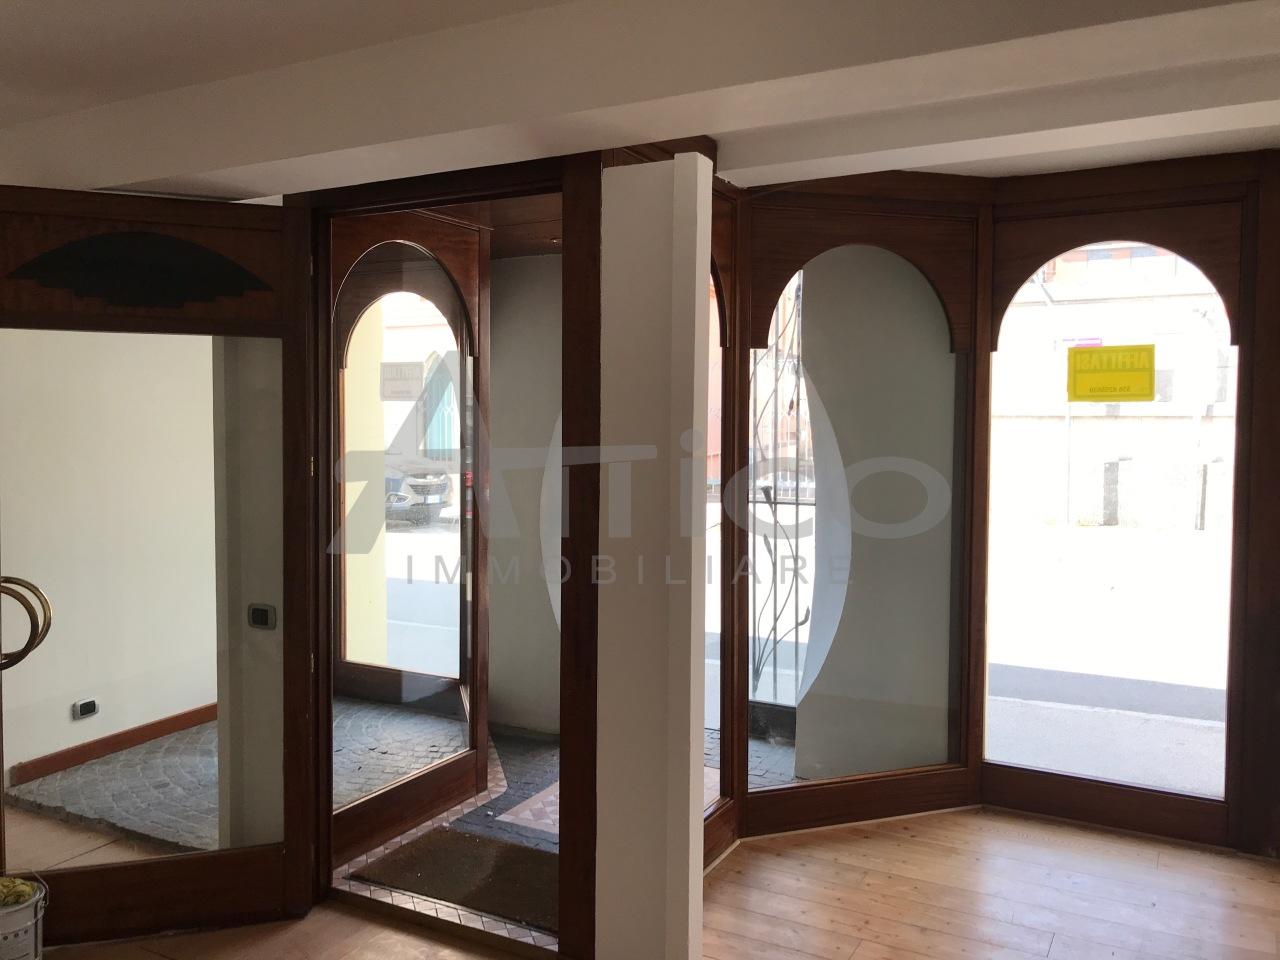 Negozio / Locale in affitto a Rovigo, 2 locali, prezzo € 550 | CambioCasa.it